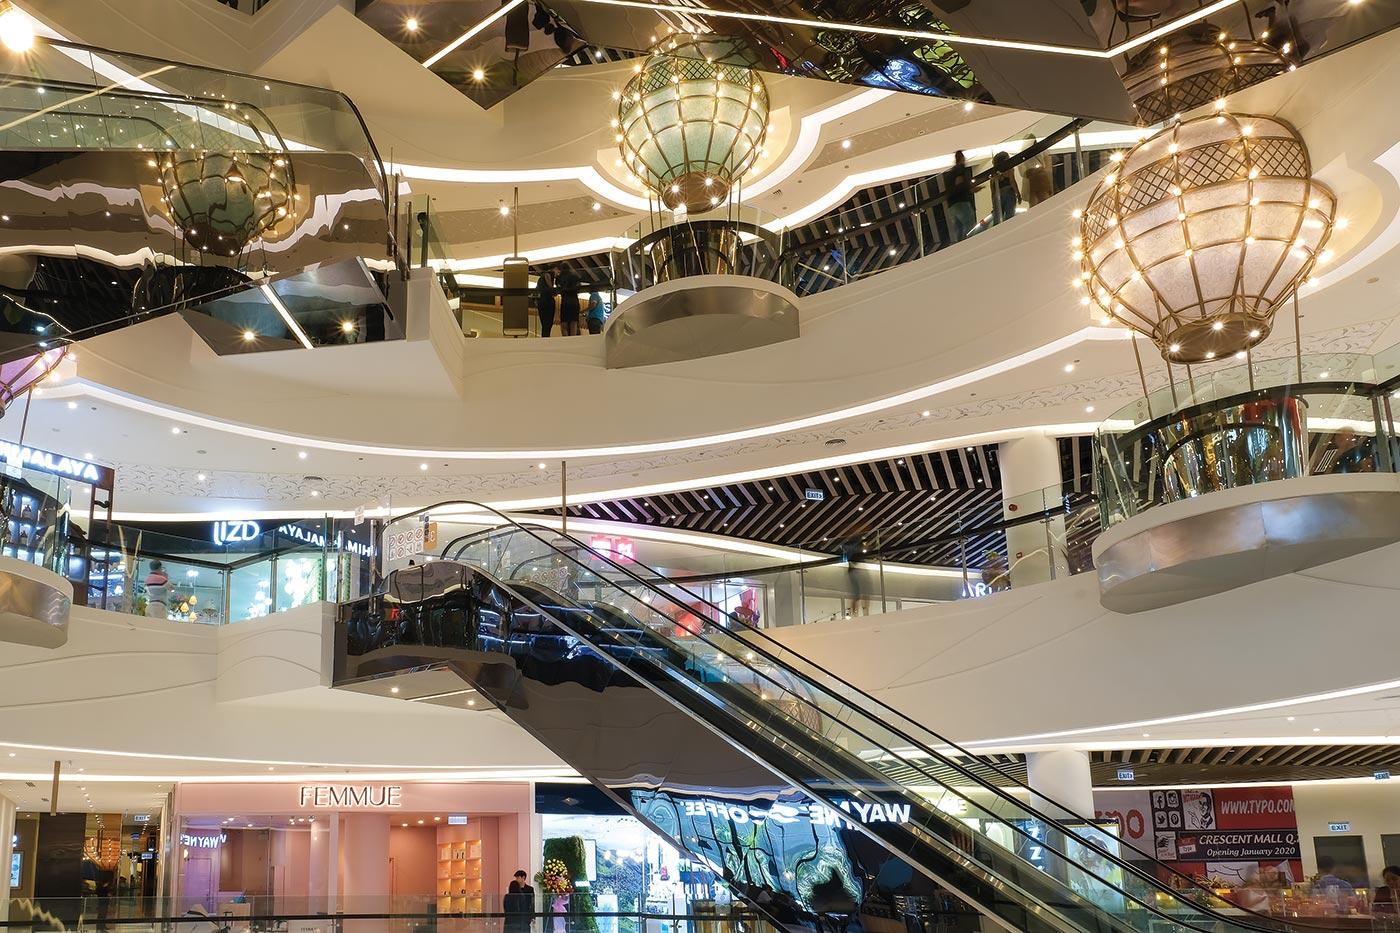 Trung tâm thương mại Phú Mỹ Hưng Thiết kế ấn tượng